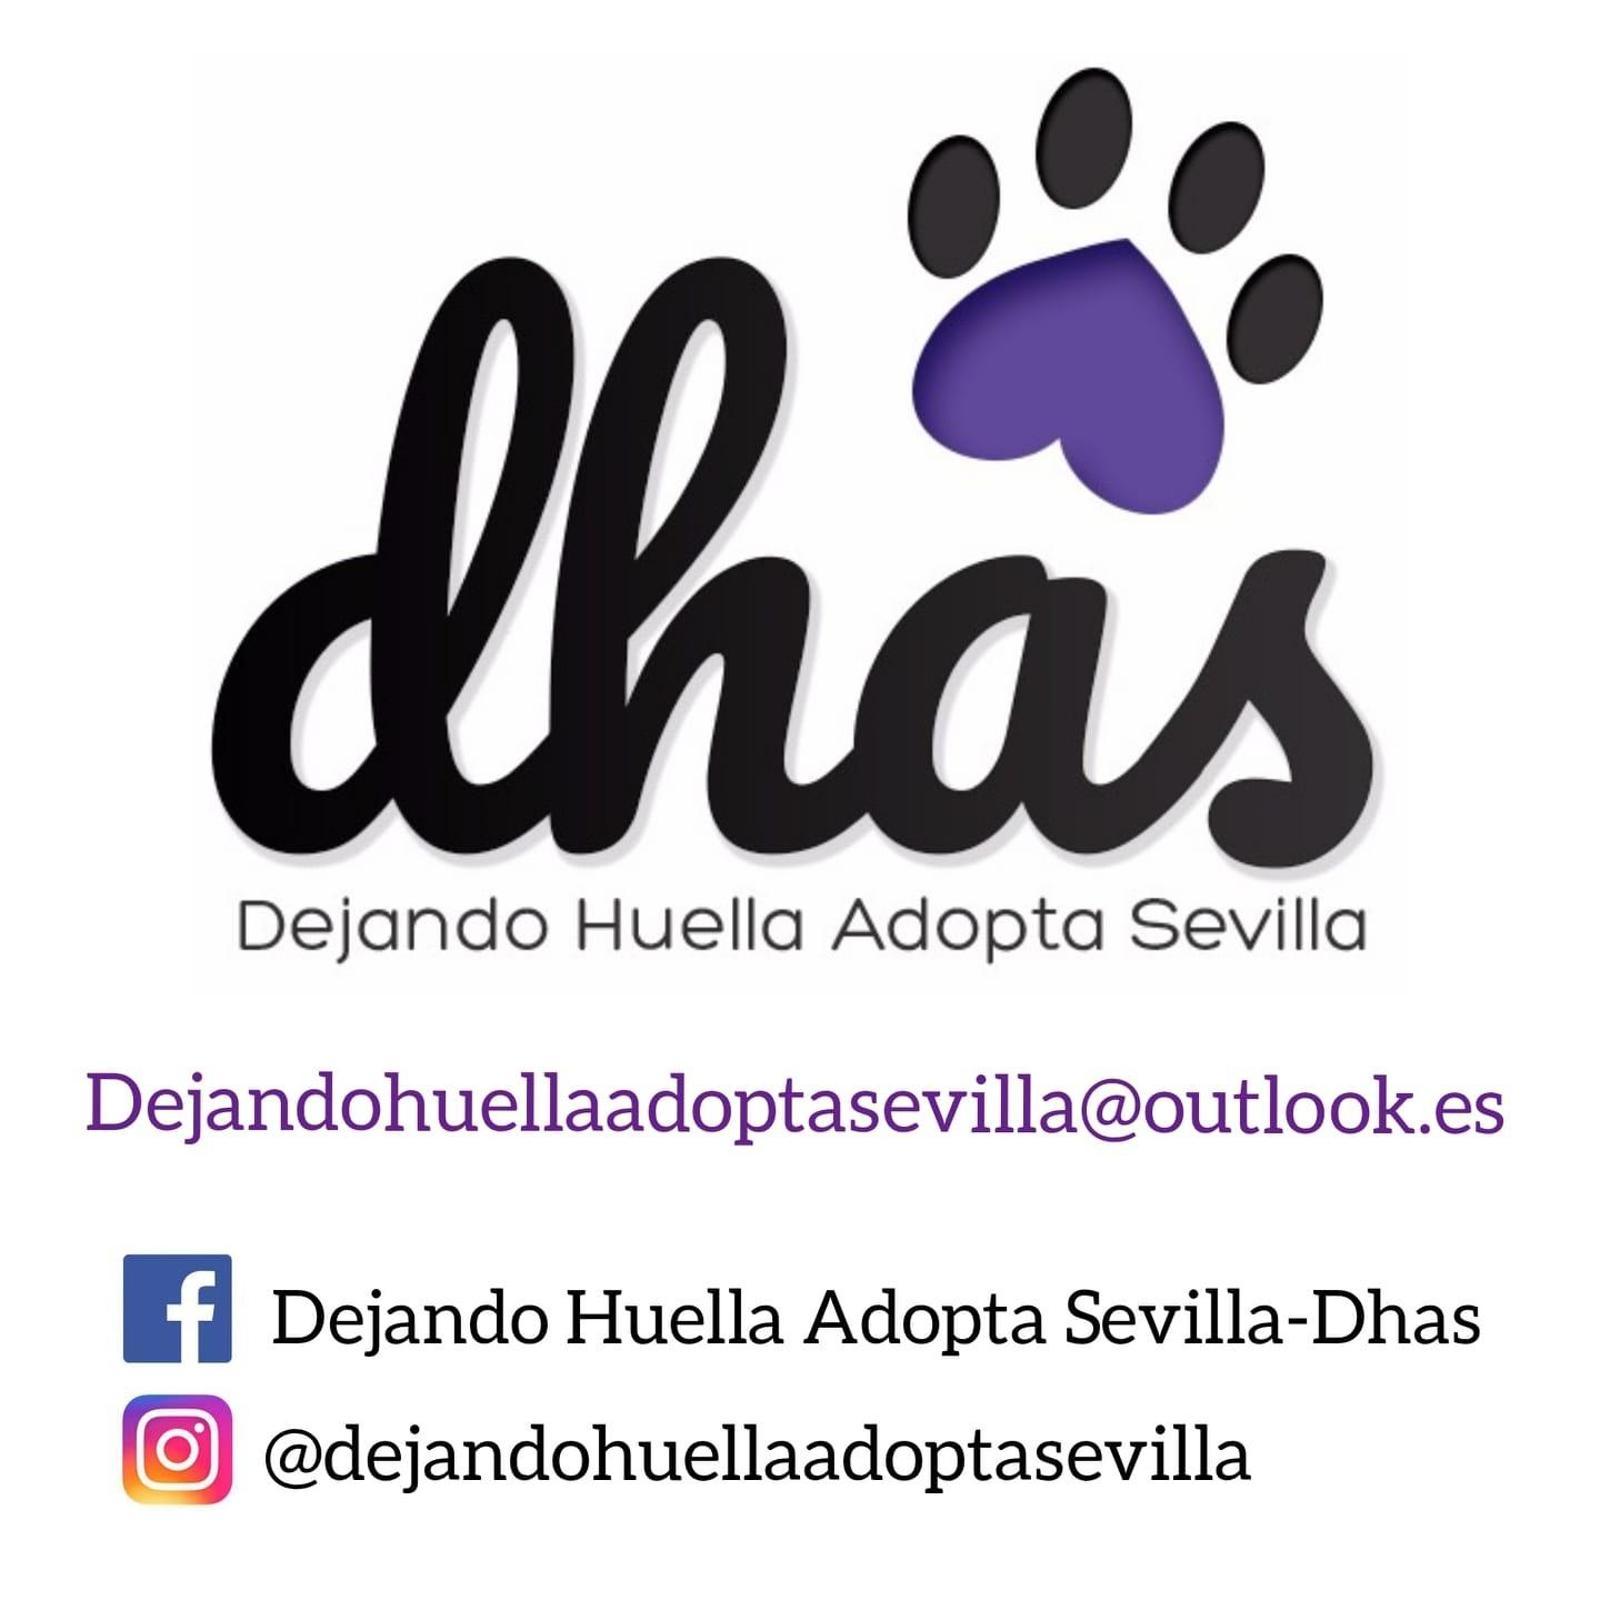 DHAS Dejando Huella Adopta Sevilla